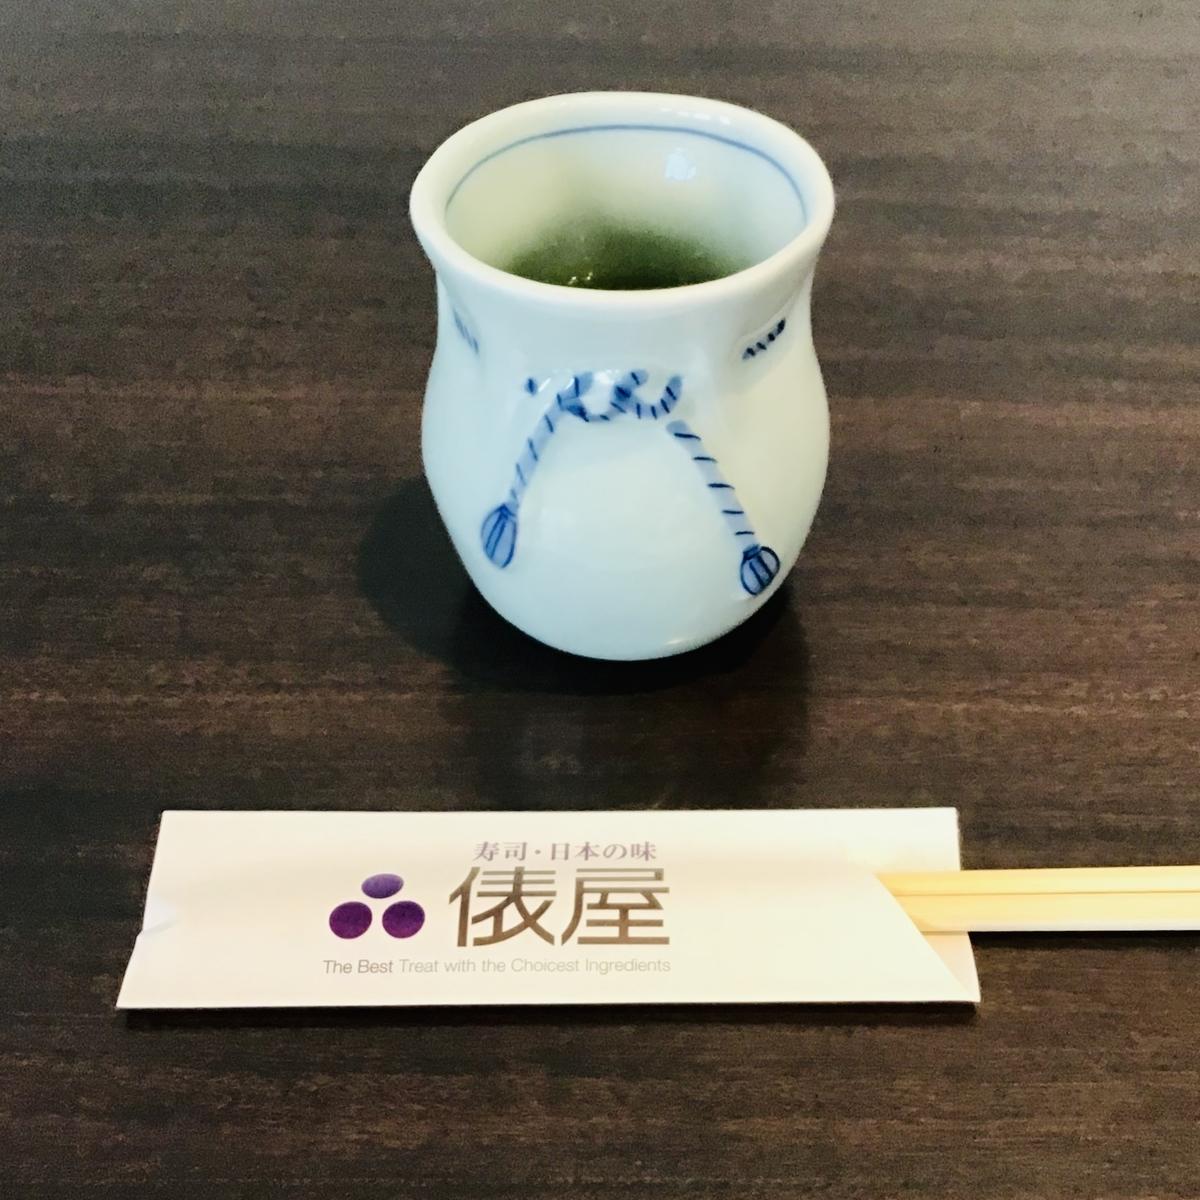 f:id:yumeusagiyukiusagi:20200819101841j:plain